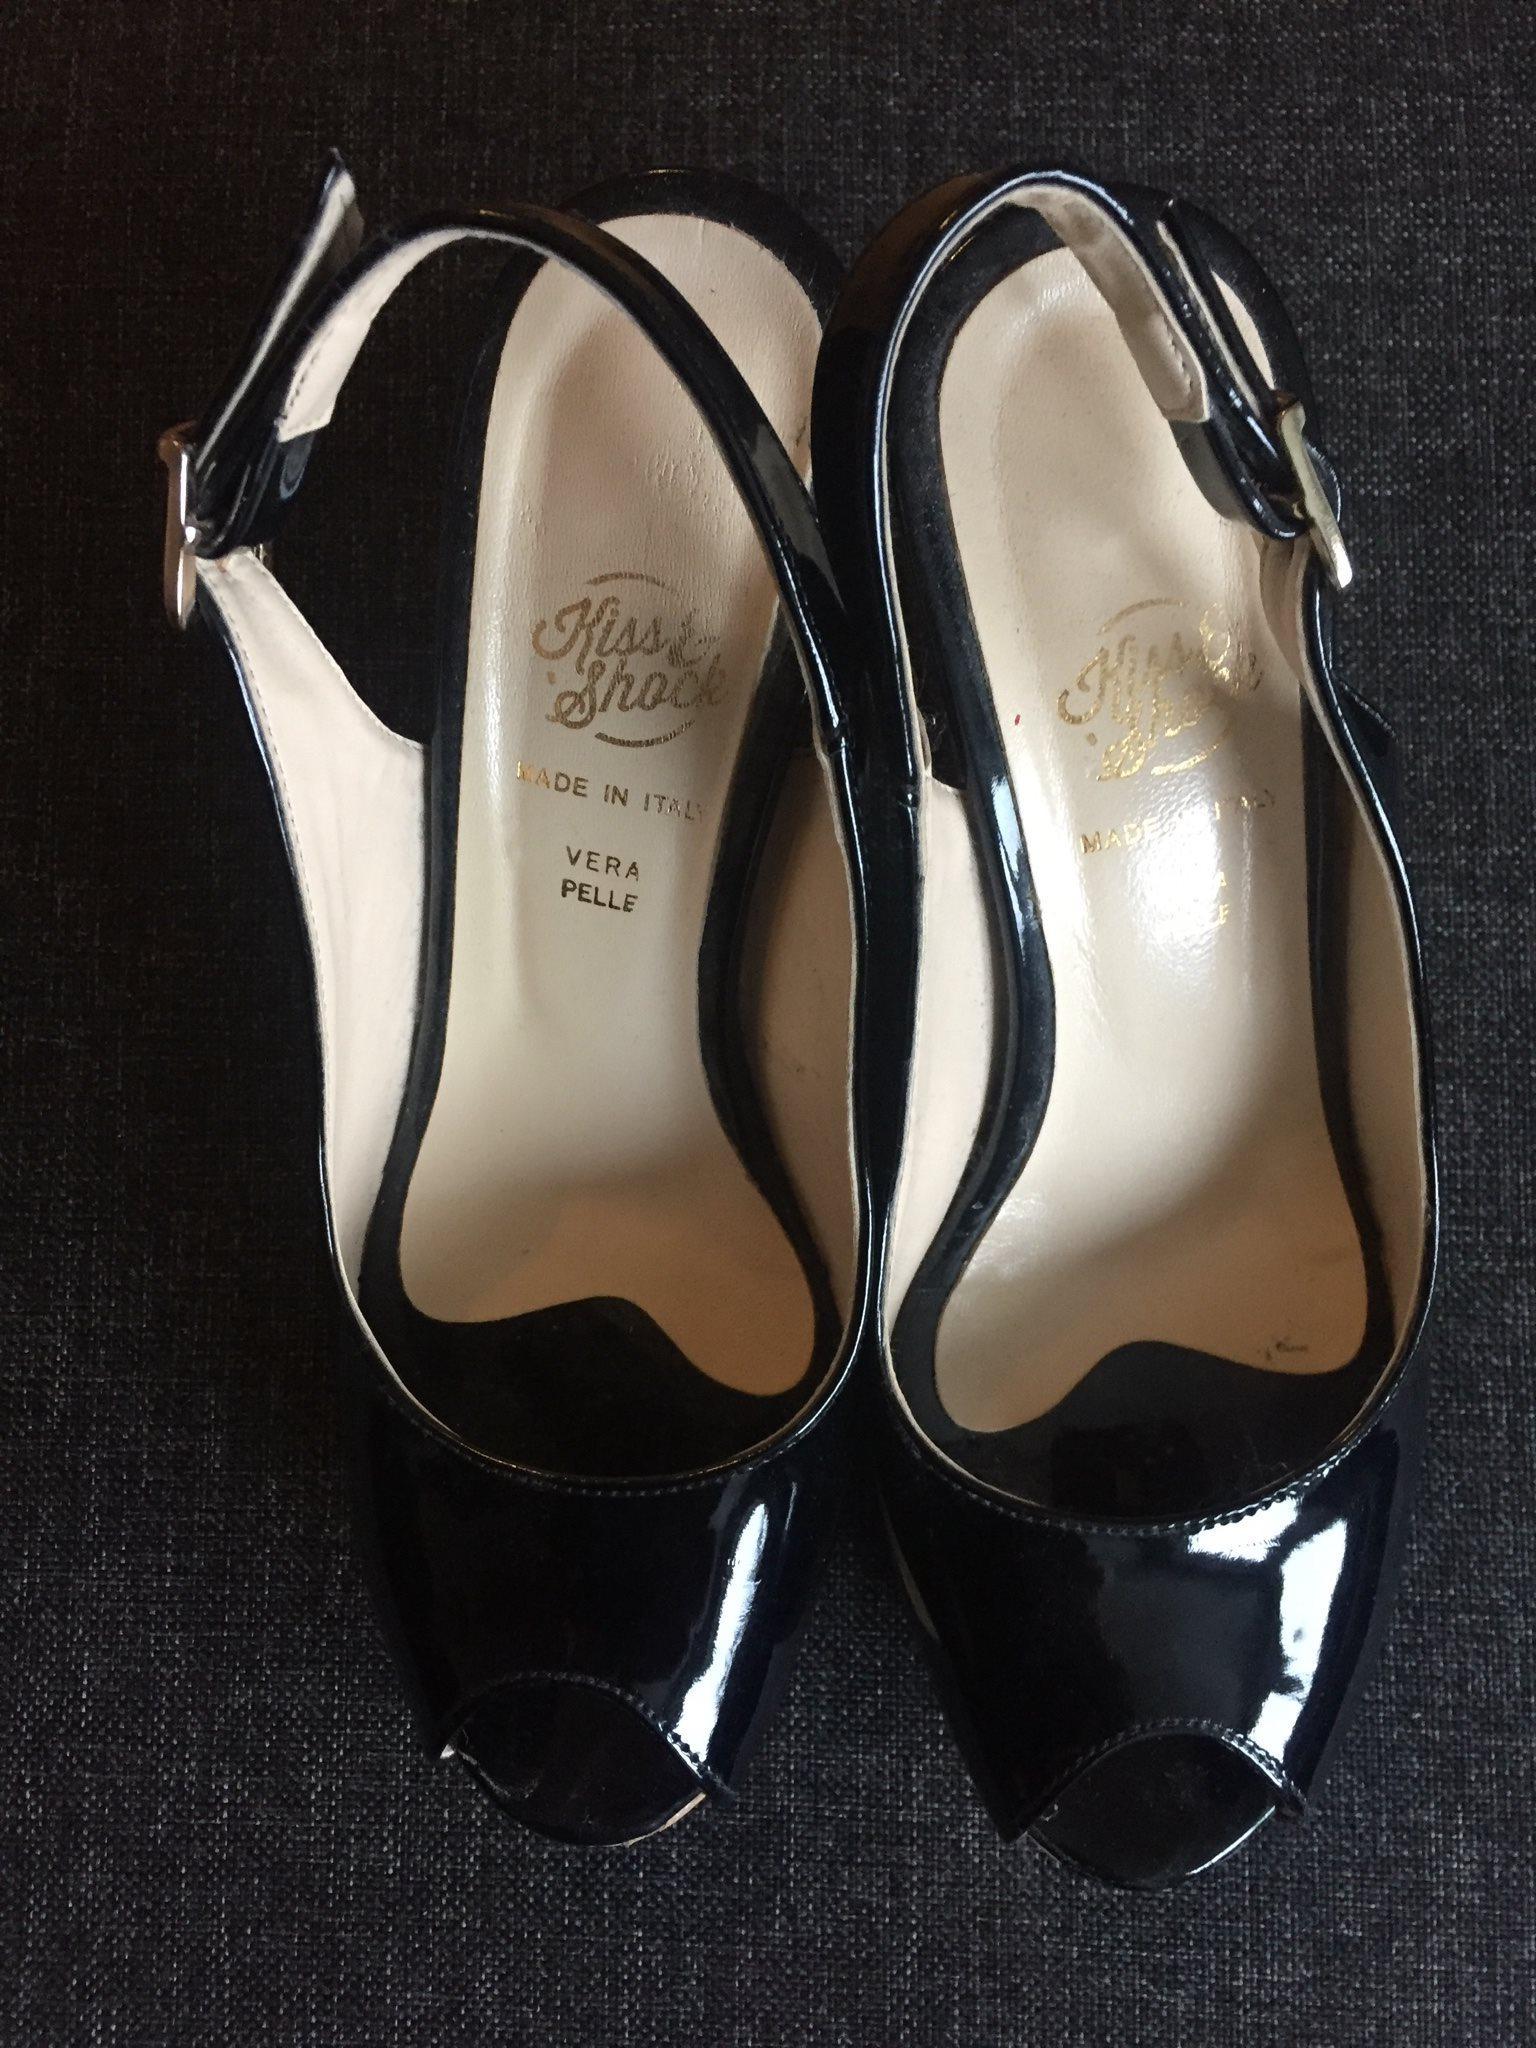 Svarta italienska högklackade skor strl 38 (334439238) ᐈ Köp på Tradera 55a6b2faeeabc